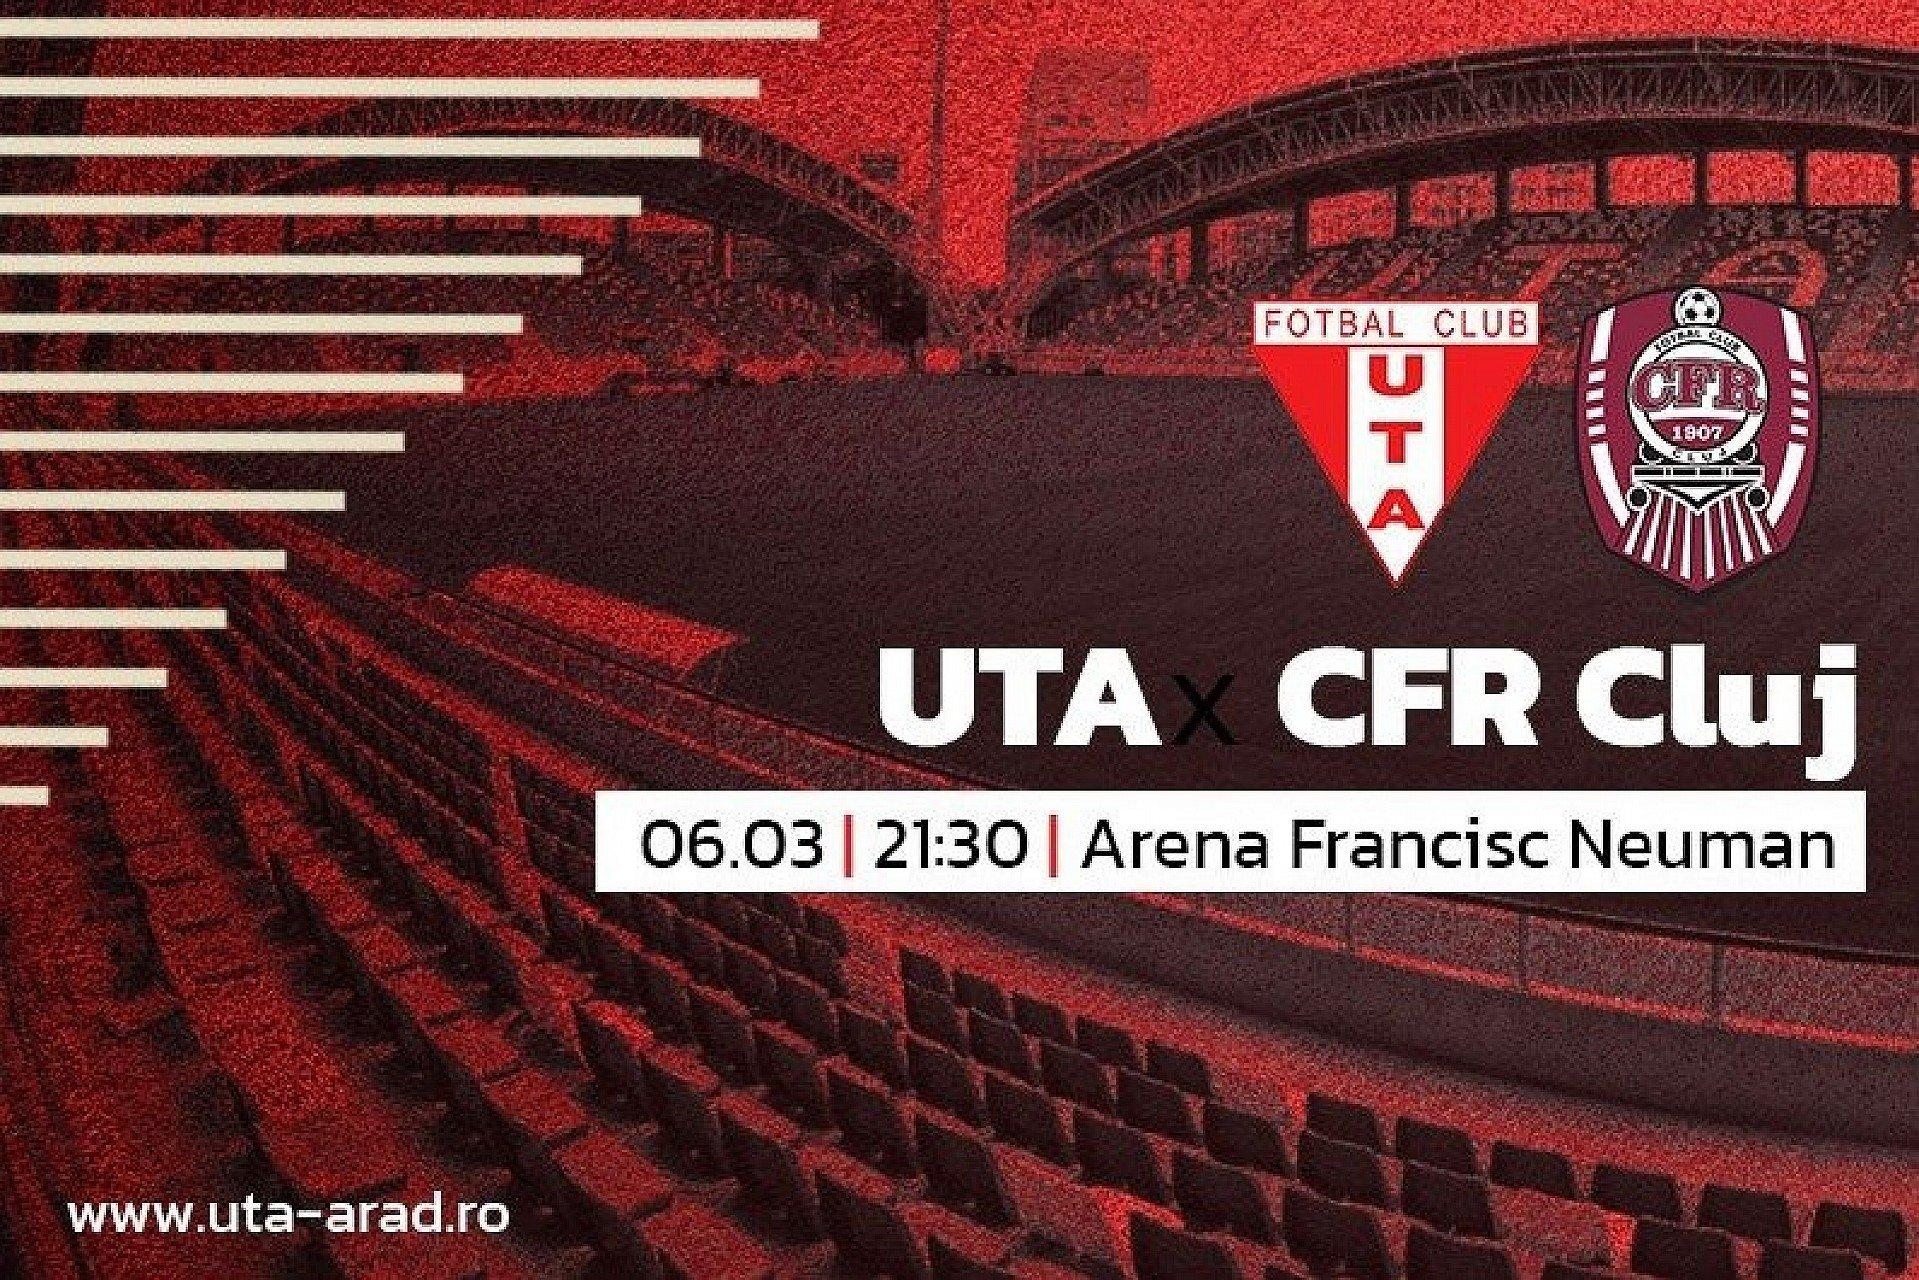 """Imagine Mâine, UTA – CFR Cluj: """"Să punem probleme şi să scoatem un rezultat bun!"""""""